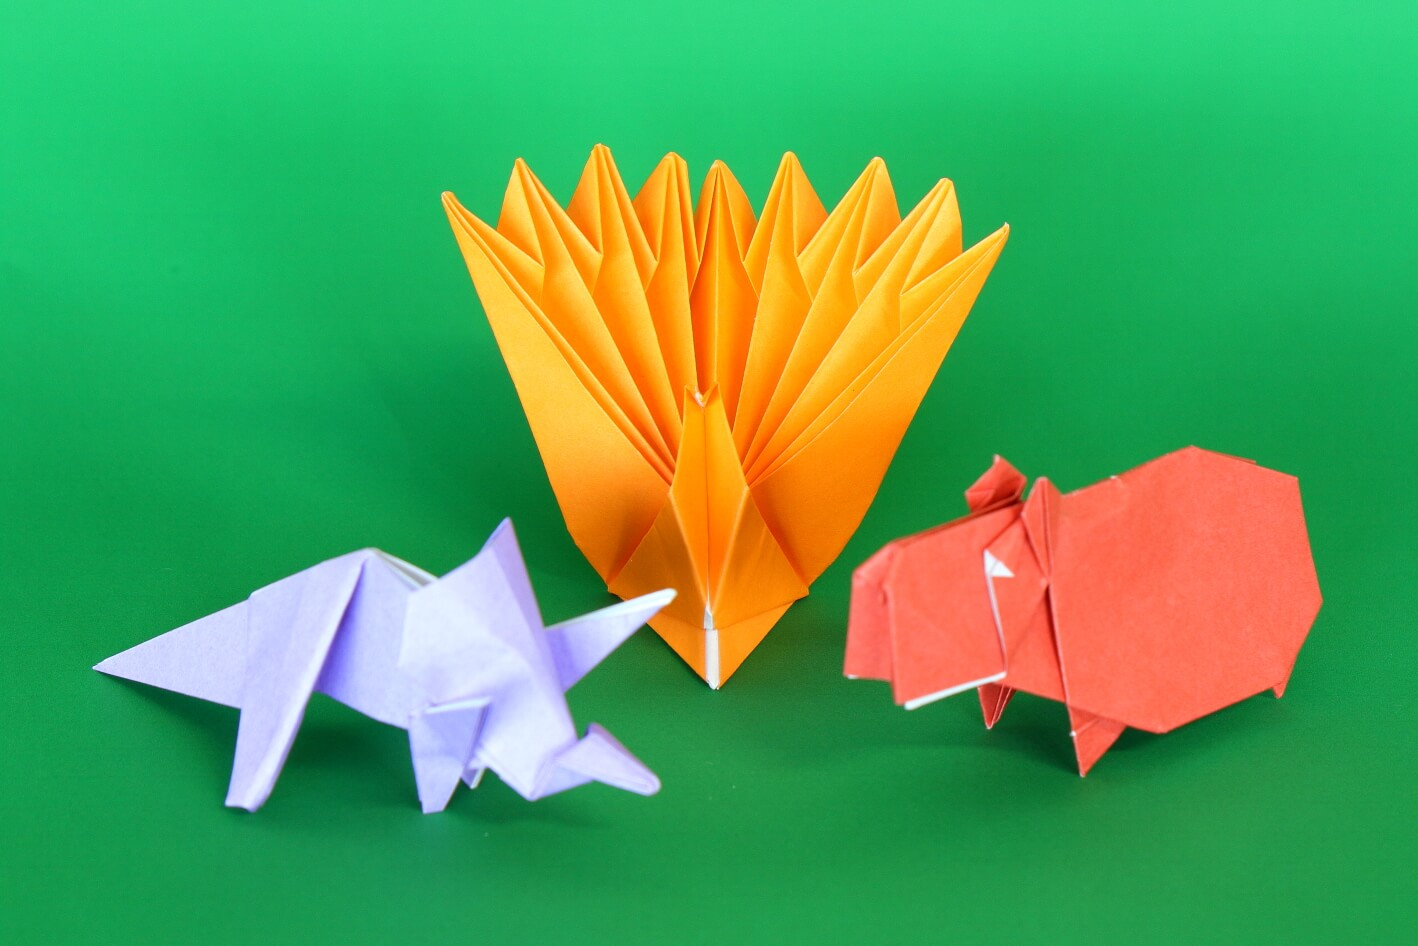 おうちチャレンジ第2弾「折り紙アート」